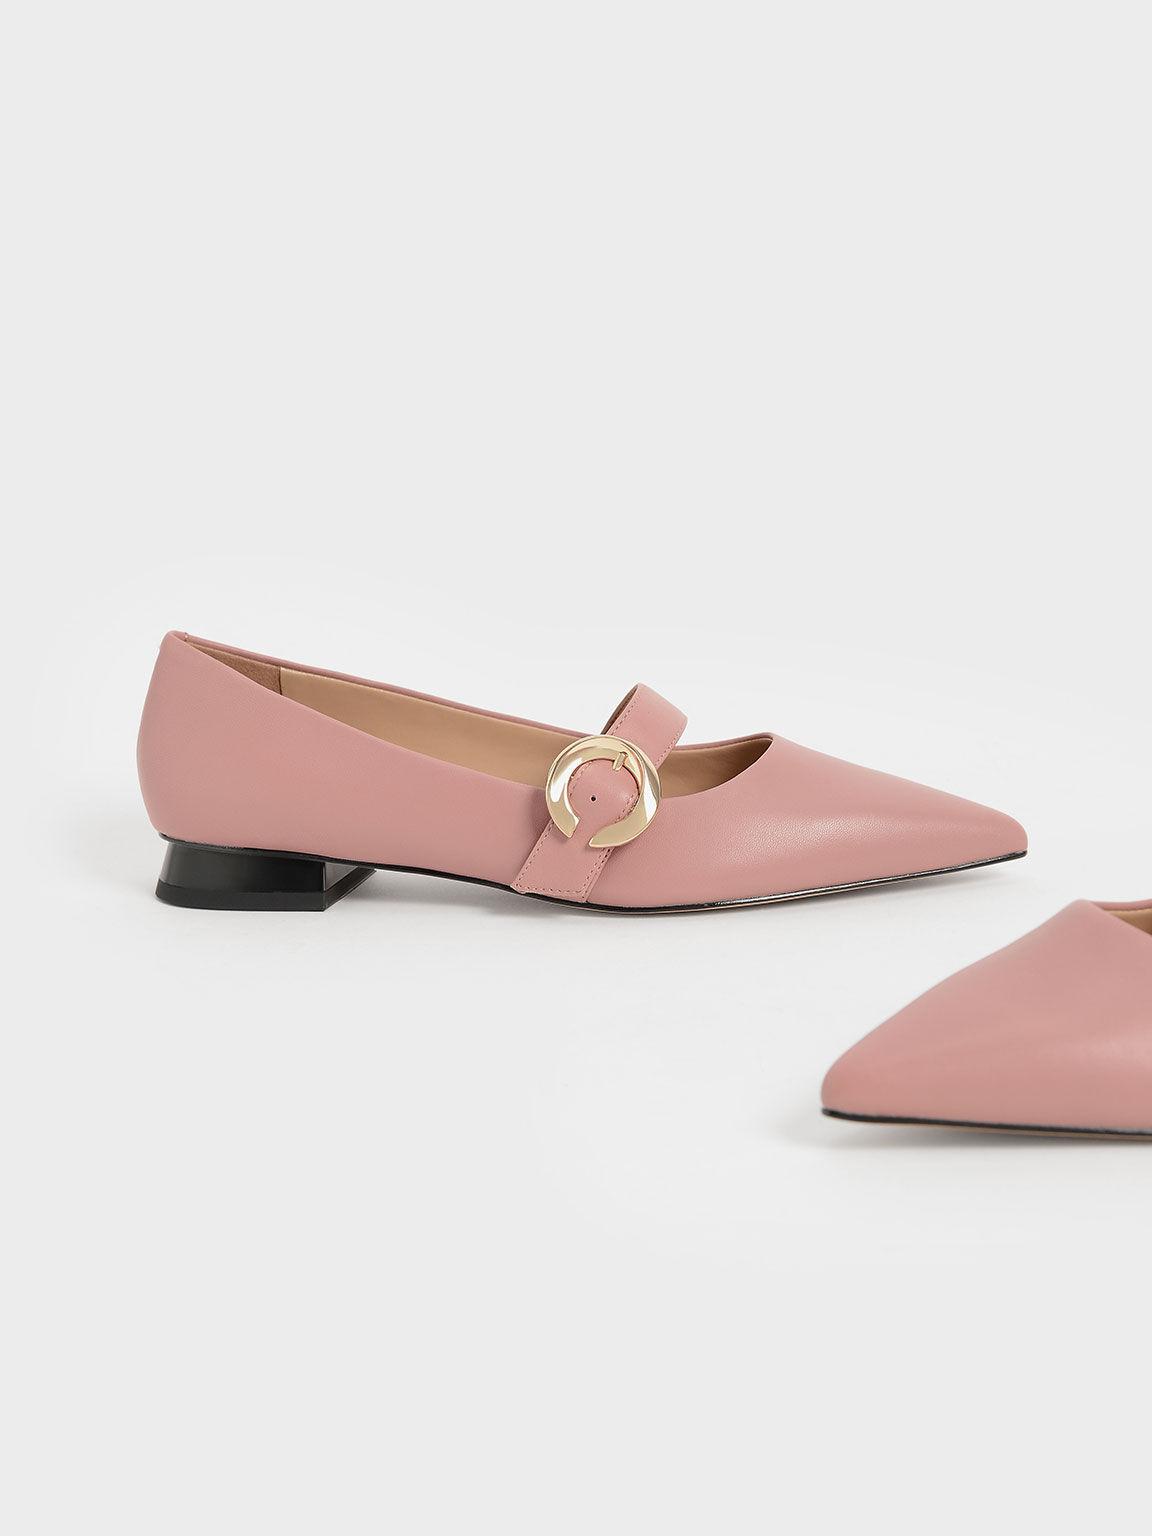 金屬圓釦真皮尖頭鞋, 粉紅色, hi-res